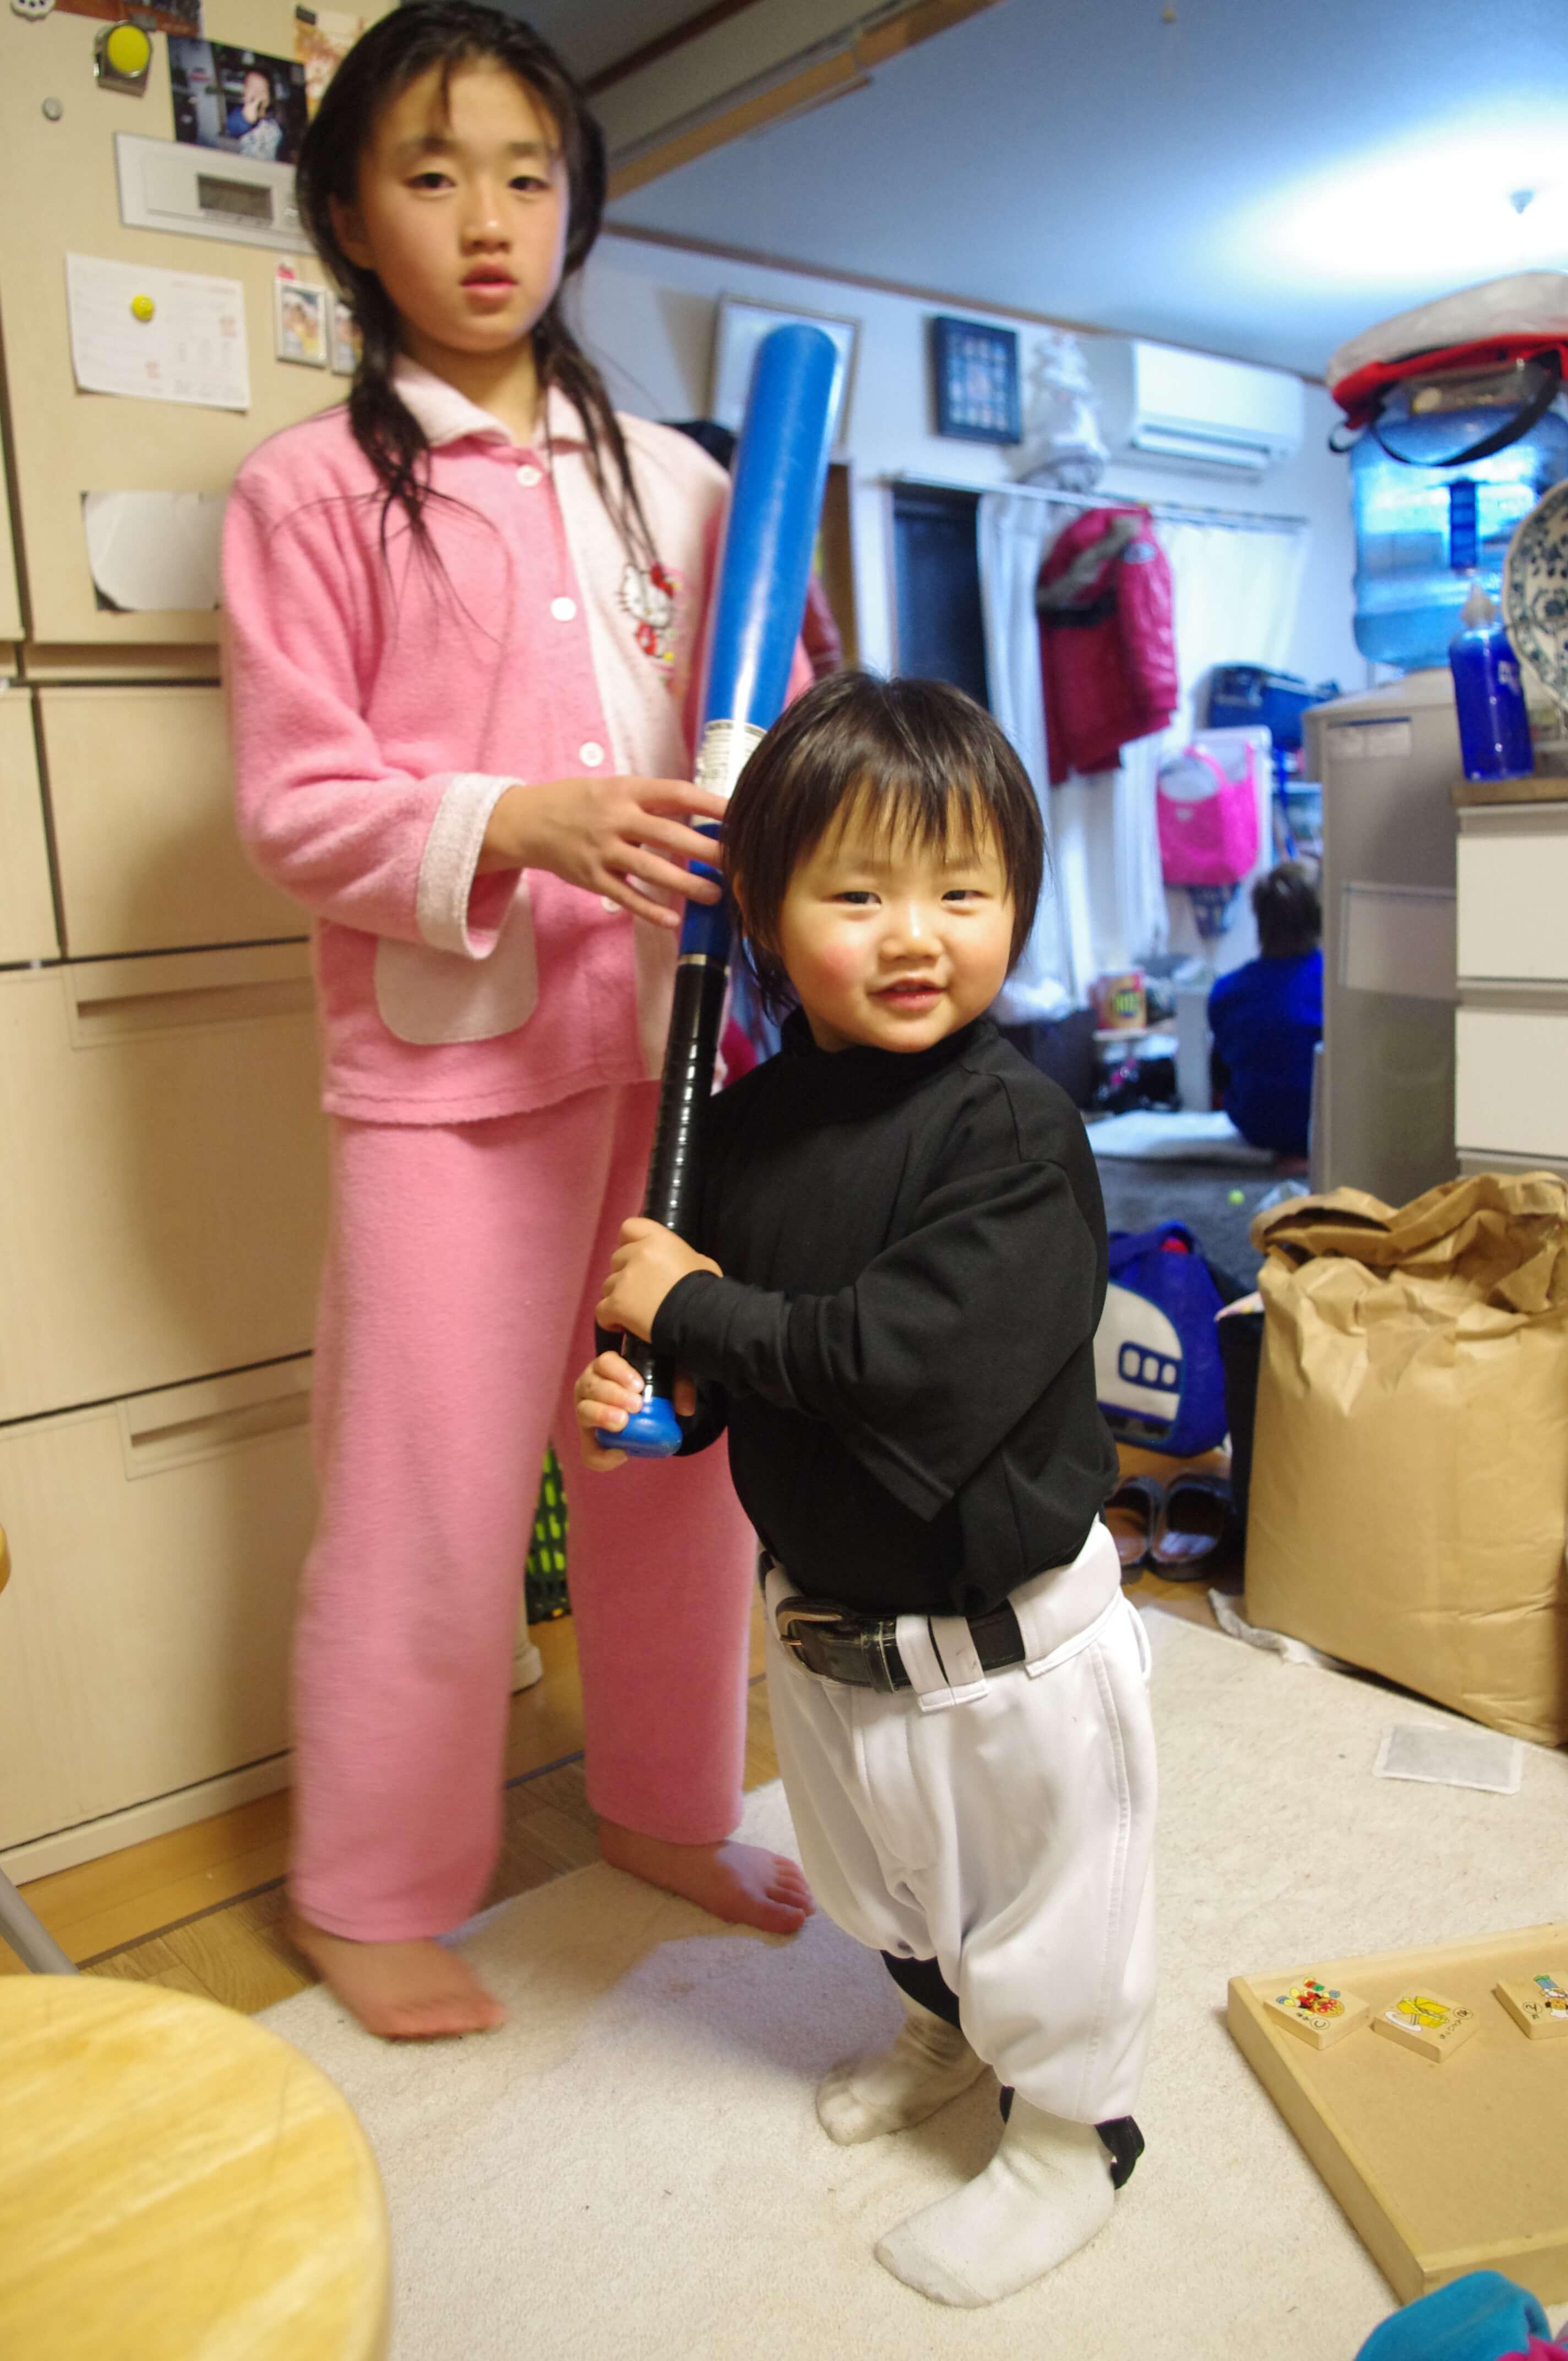 野球のユニフォームを着ておもちゃのバットを持つ幼児